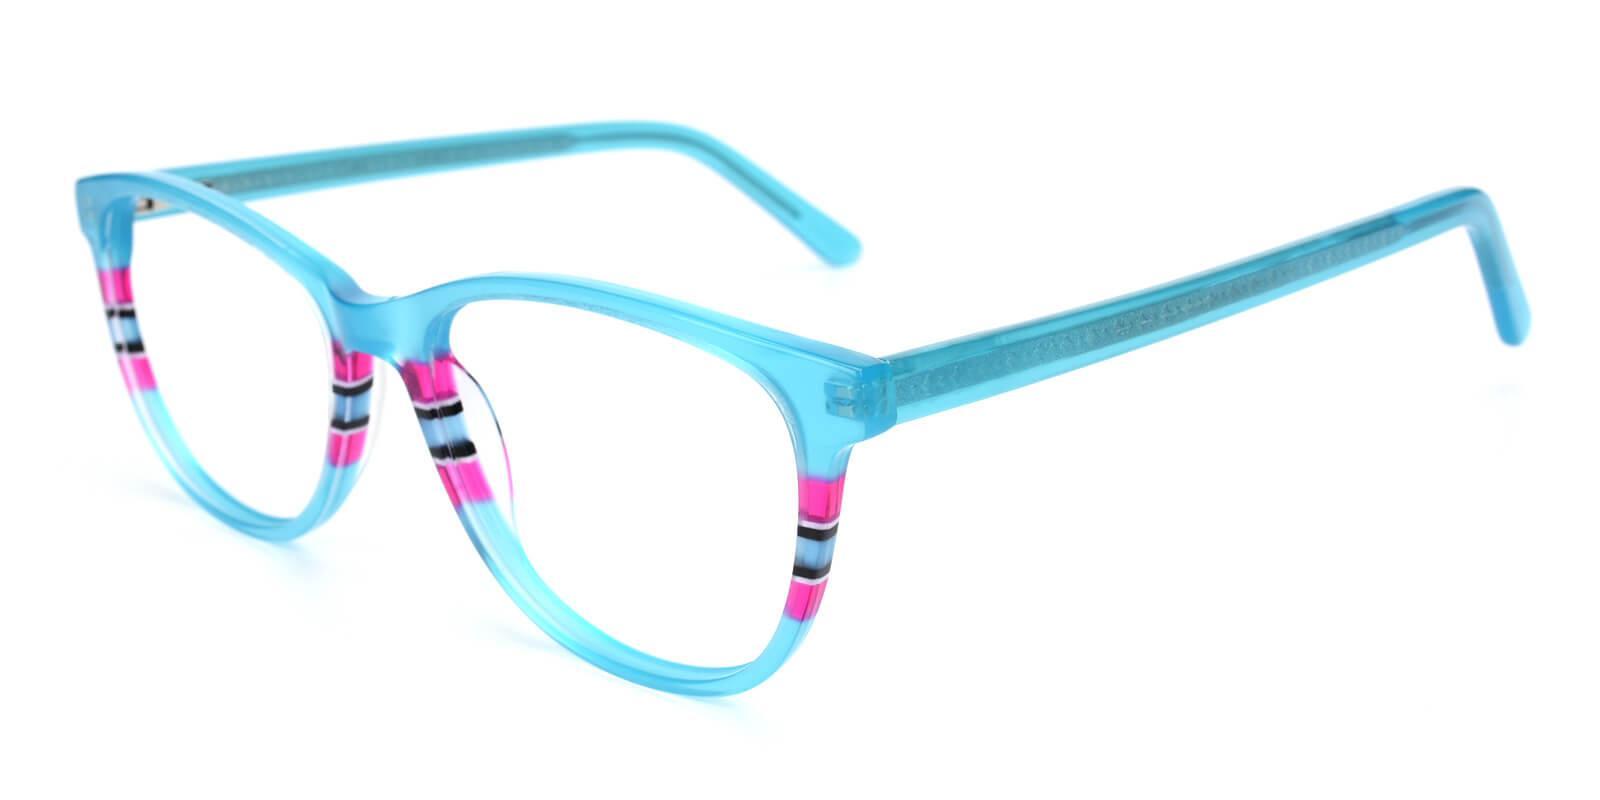 Faithely-Blue-Square-Acetate-Eyeglasses-additional1